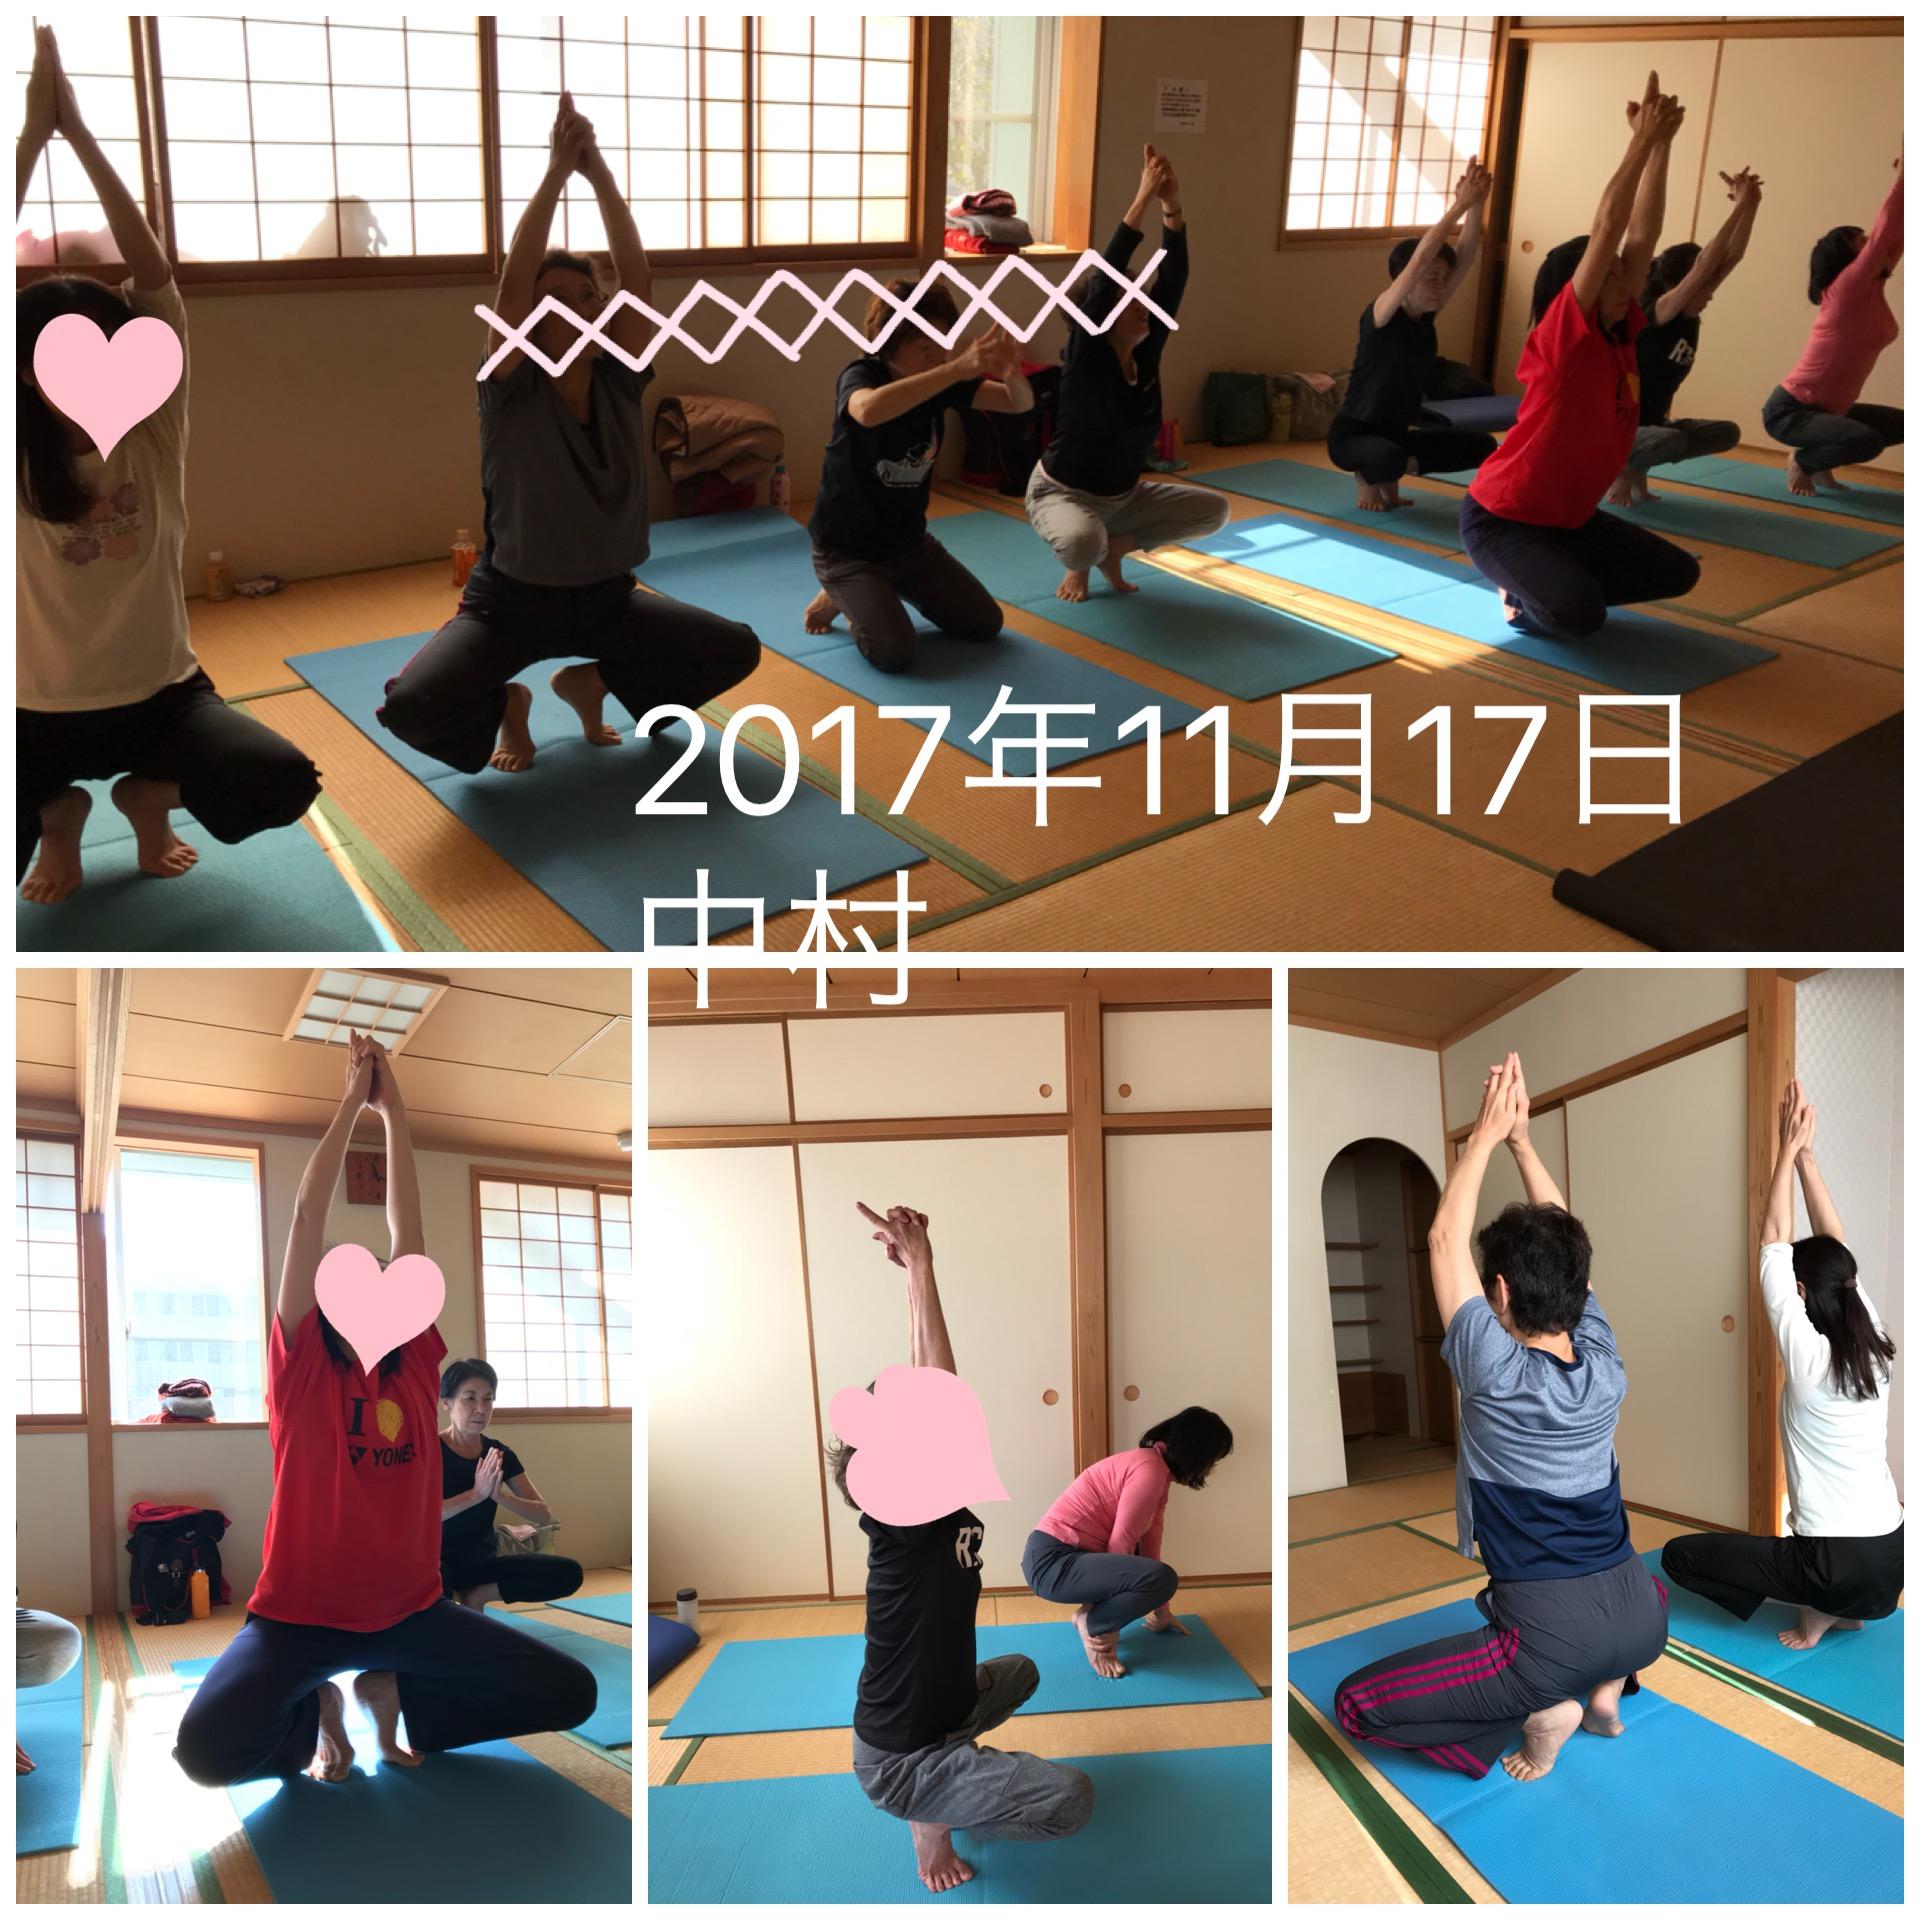 2017年11月17日 中村 〜budokon〜